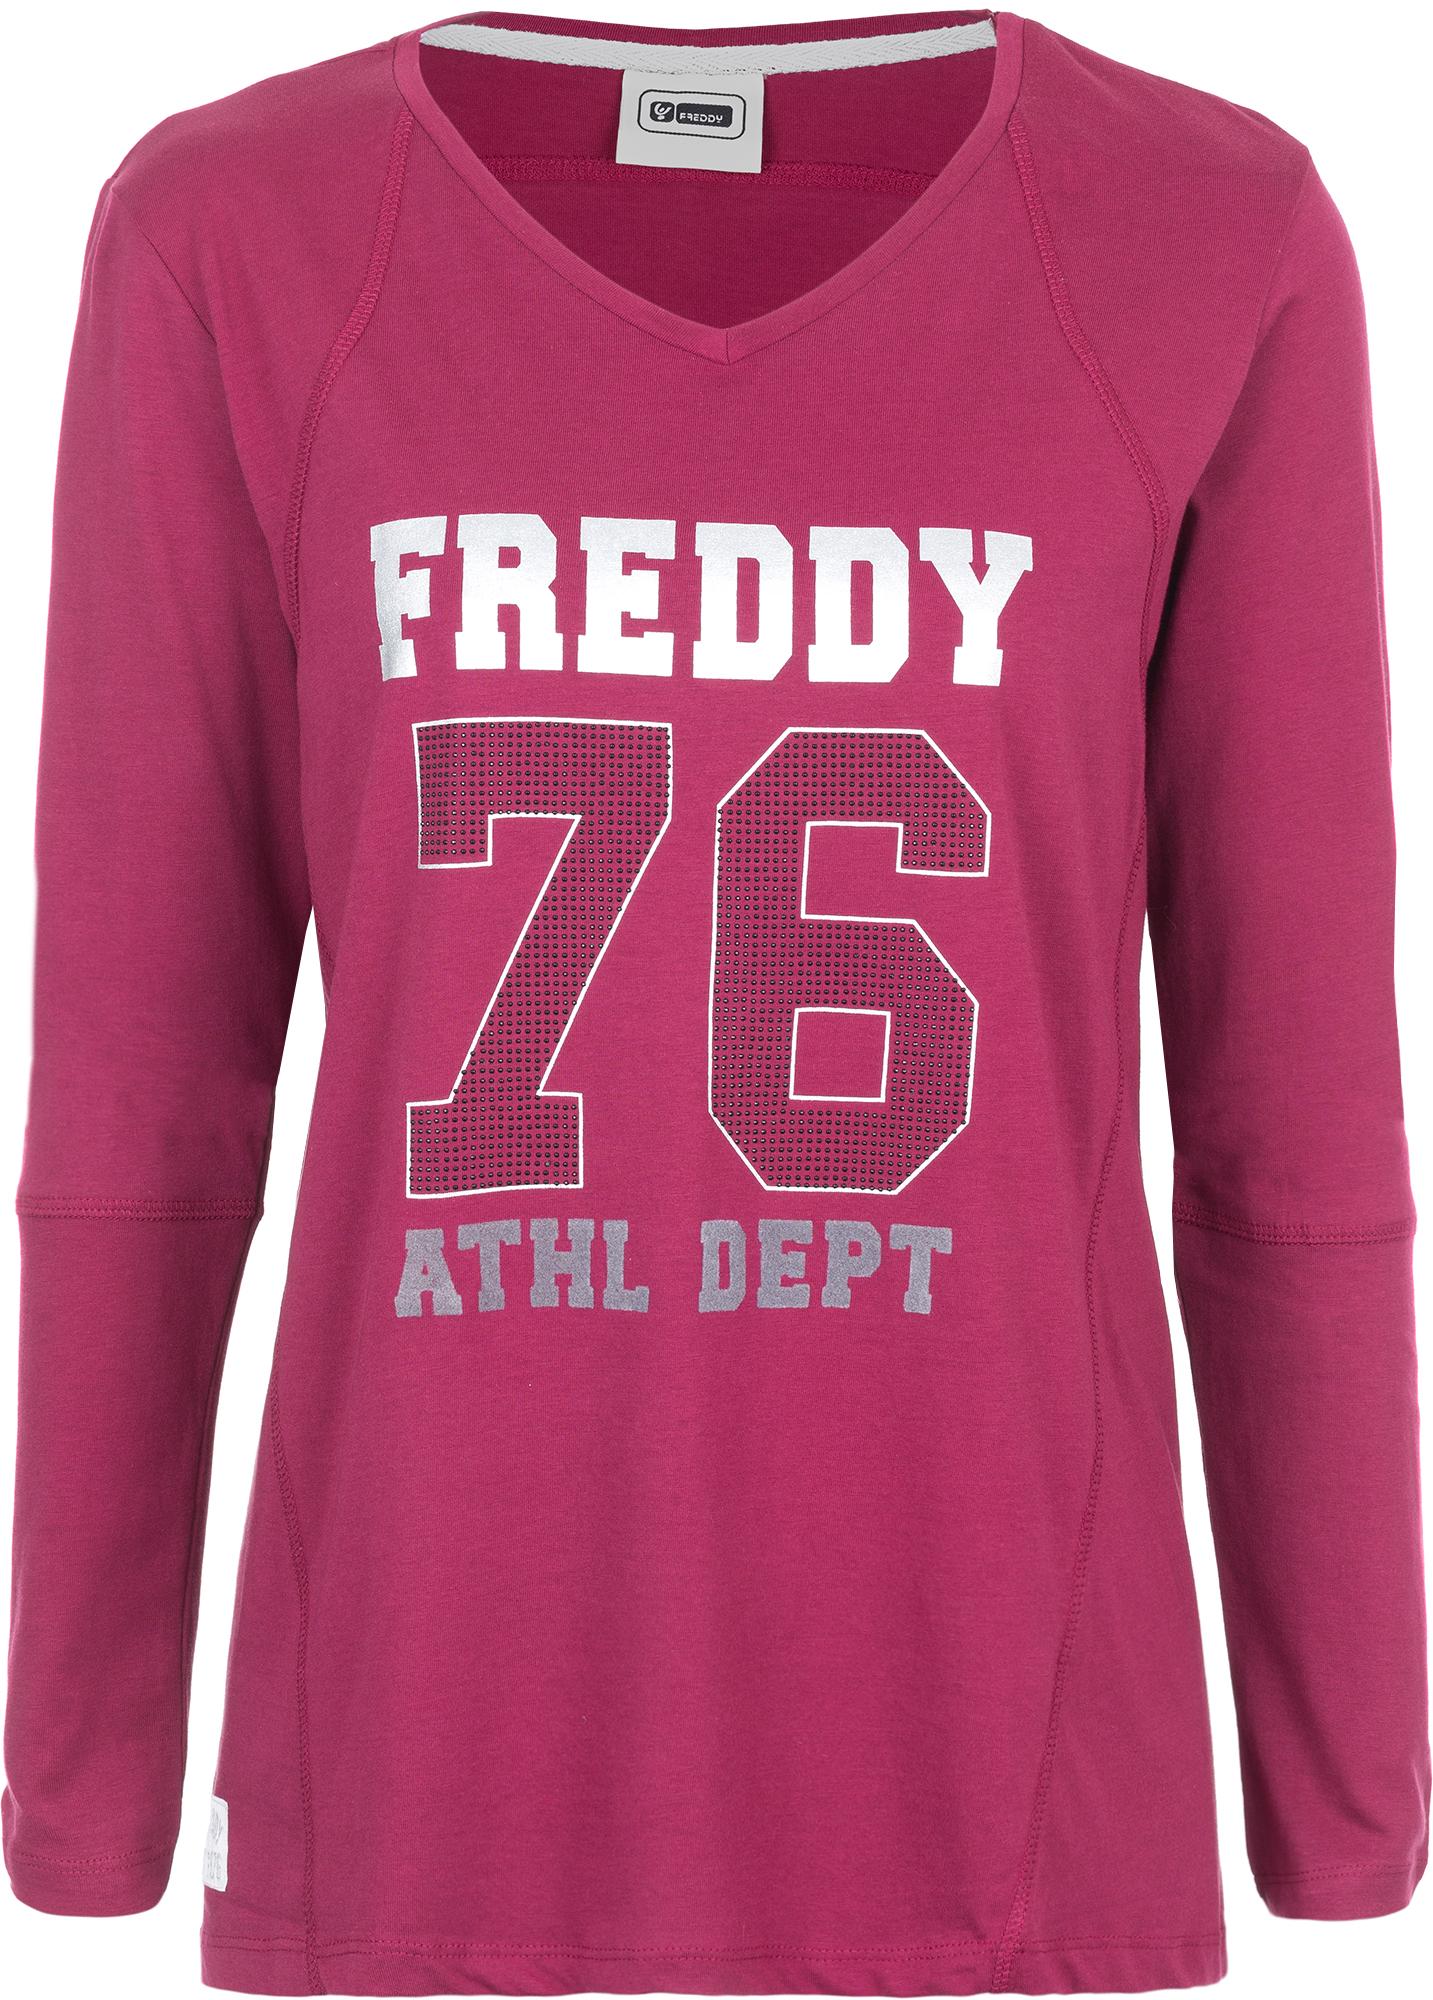 Freddy Футболка с длинным рукавом женская Freddy футболка с длинным рукавом tommy hilfiger футболка с длинным рукавом